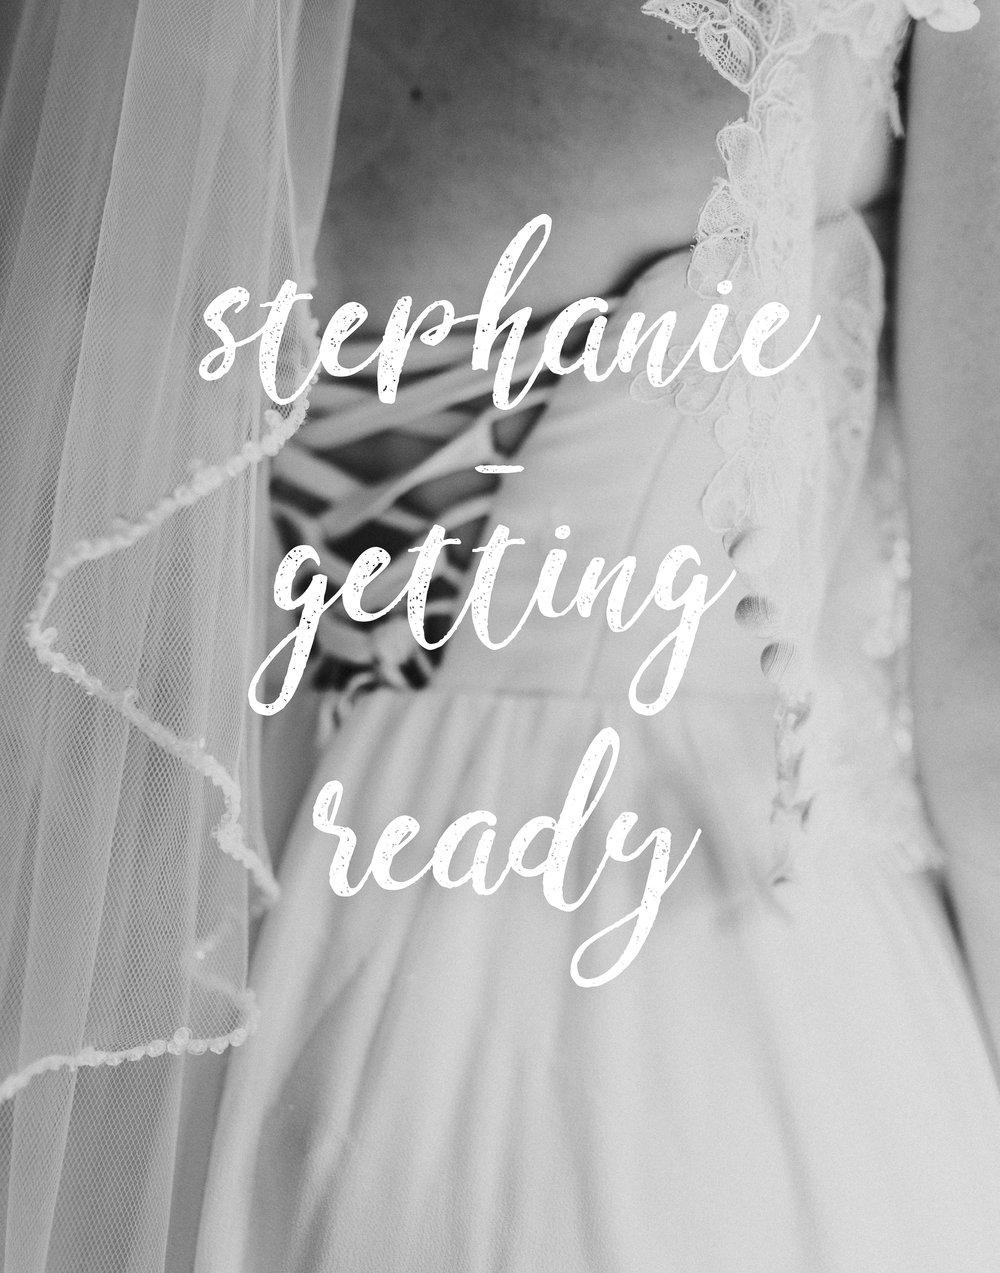 STEPHANIE - GETTING READY-001.jpg